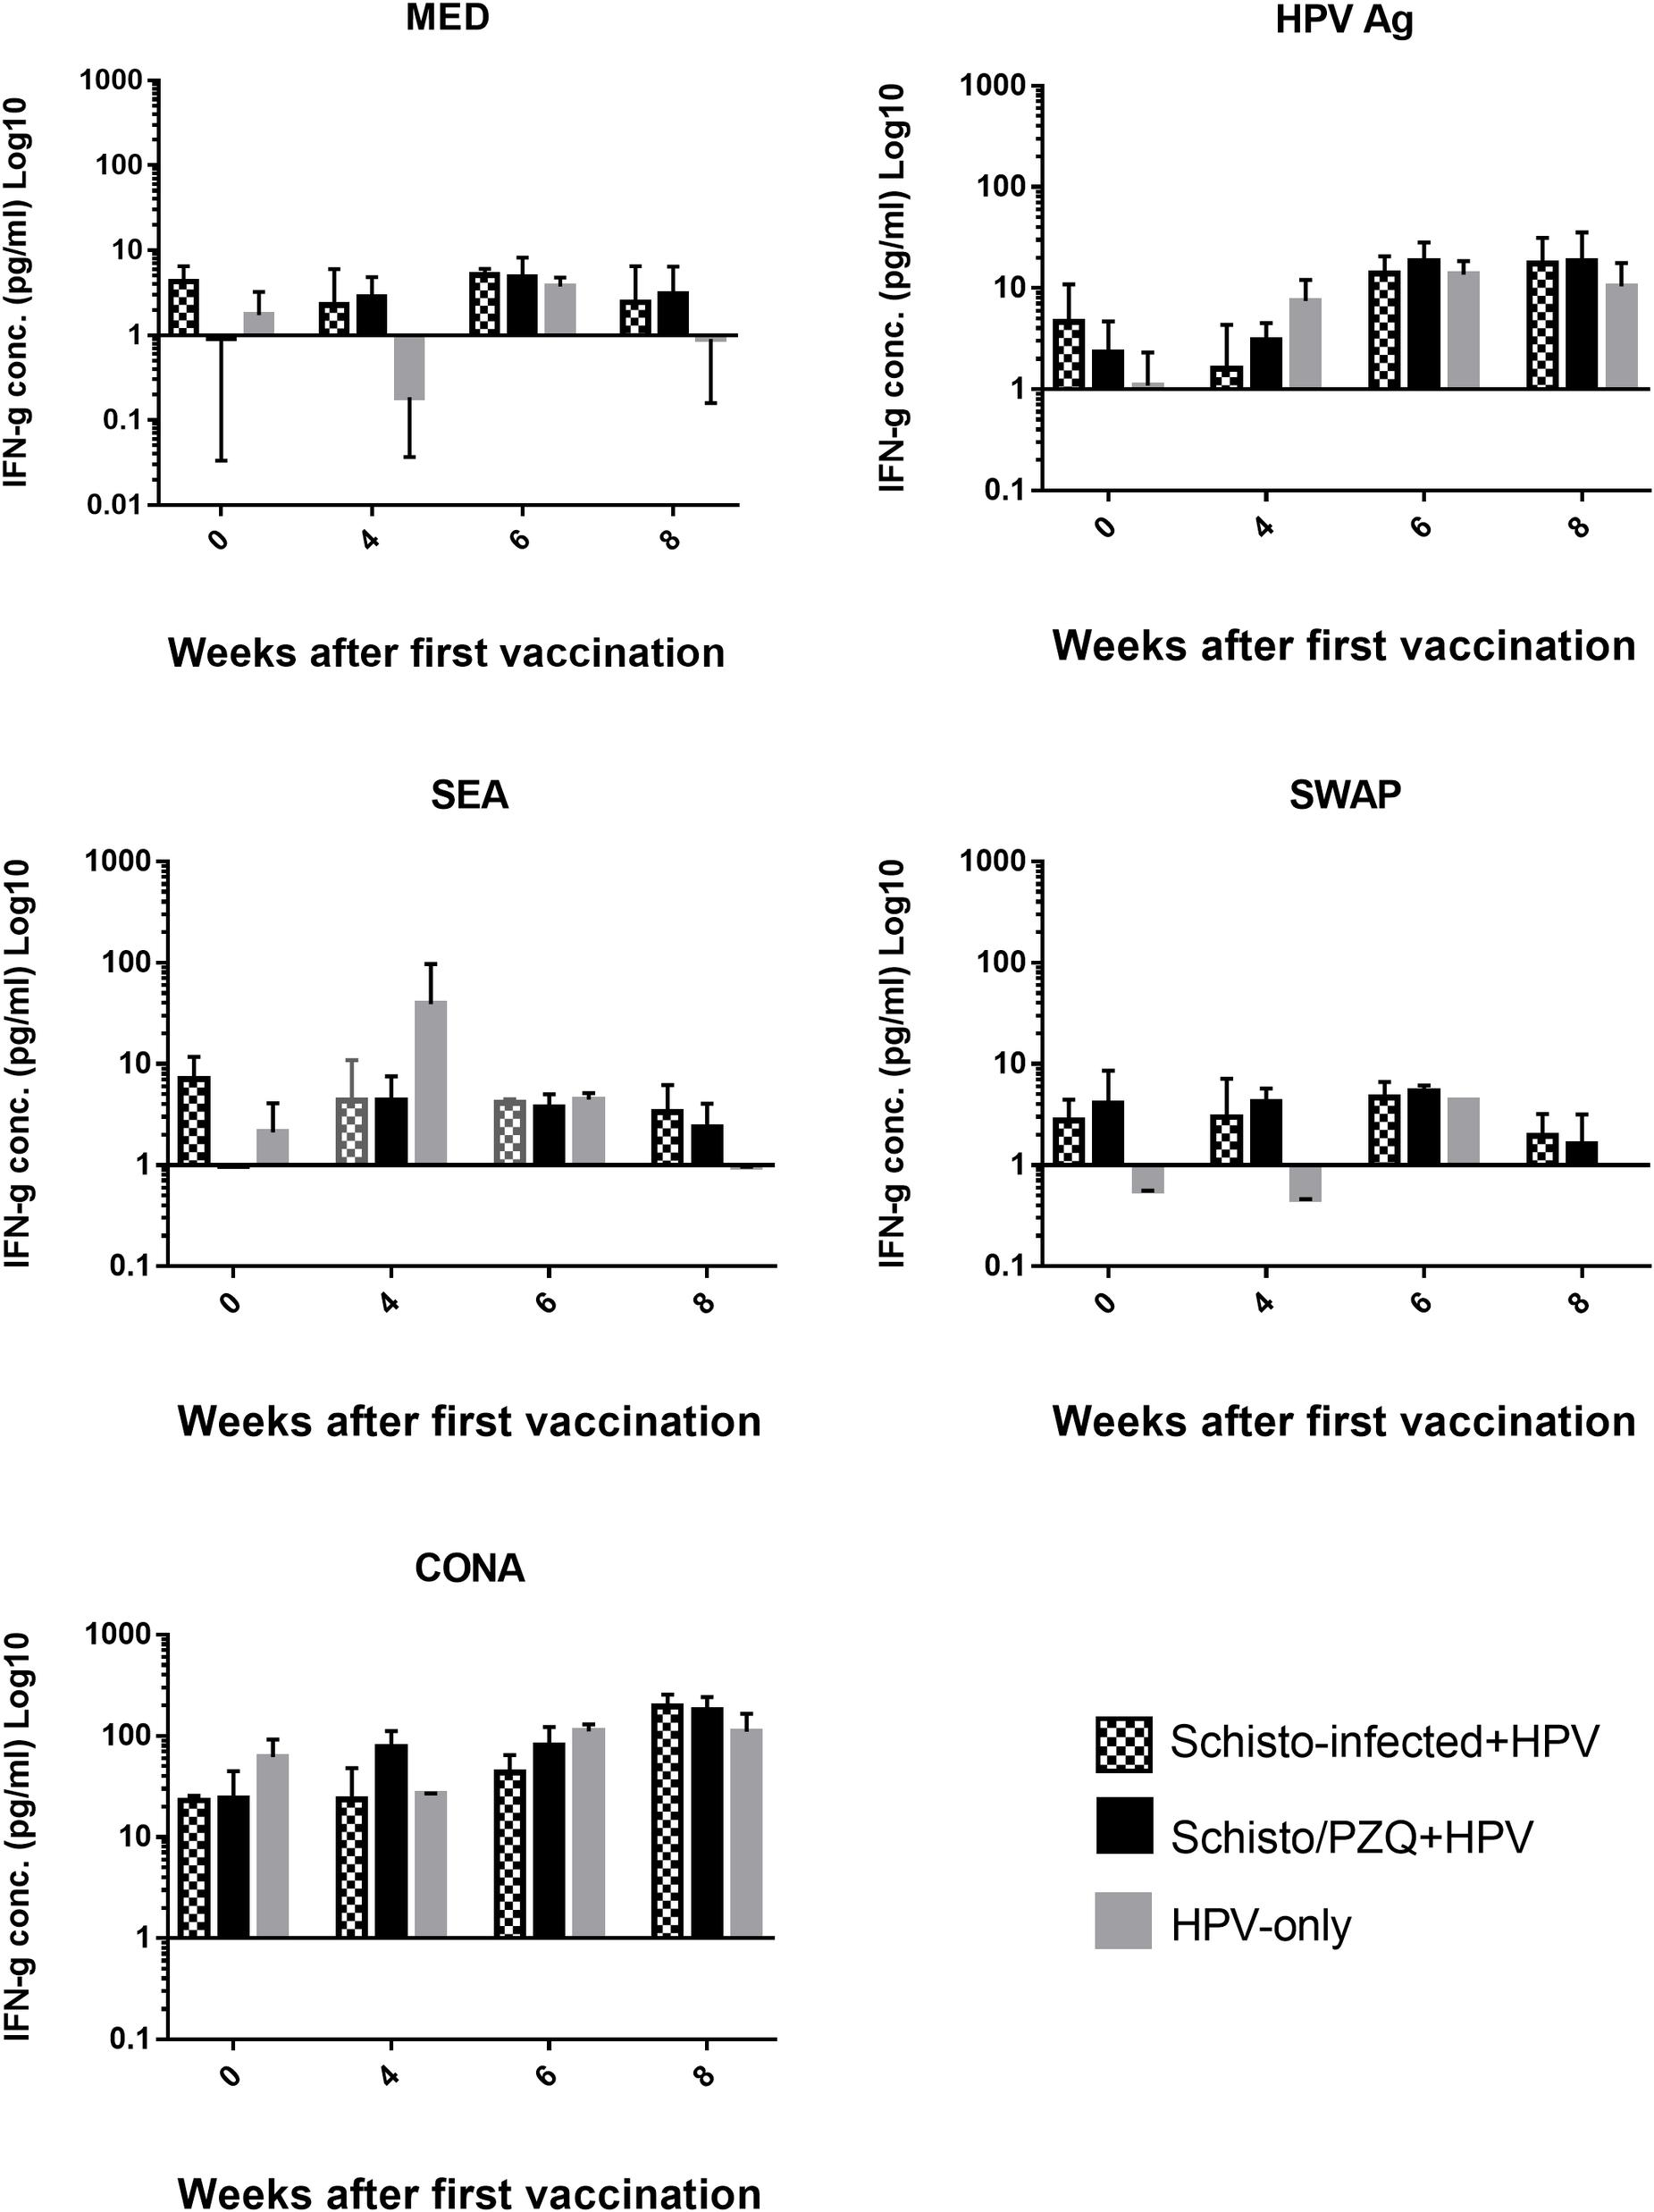 papillomavirus vaccin composition